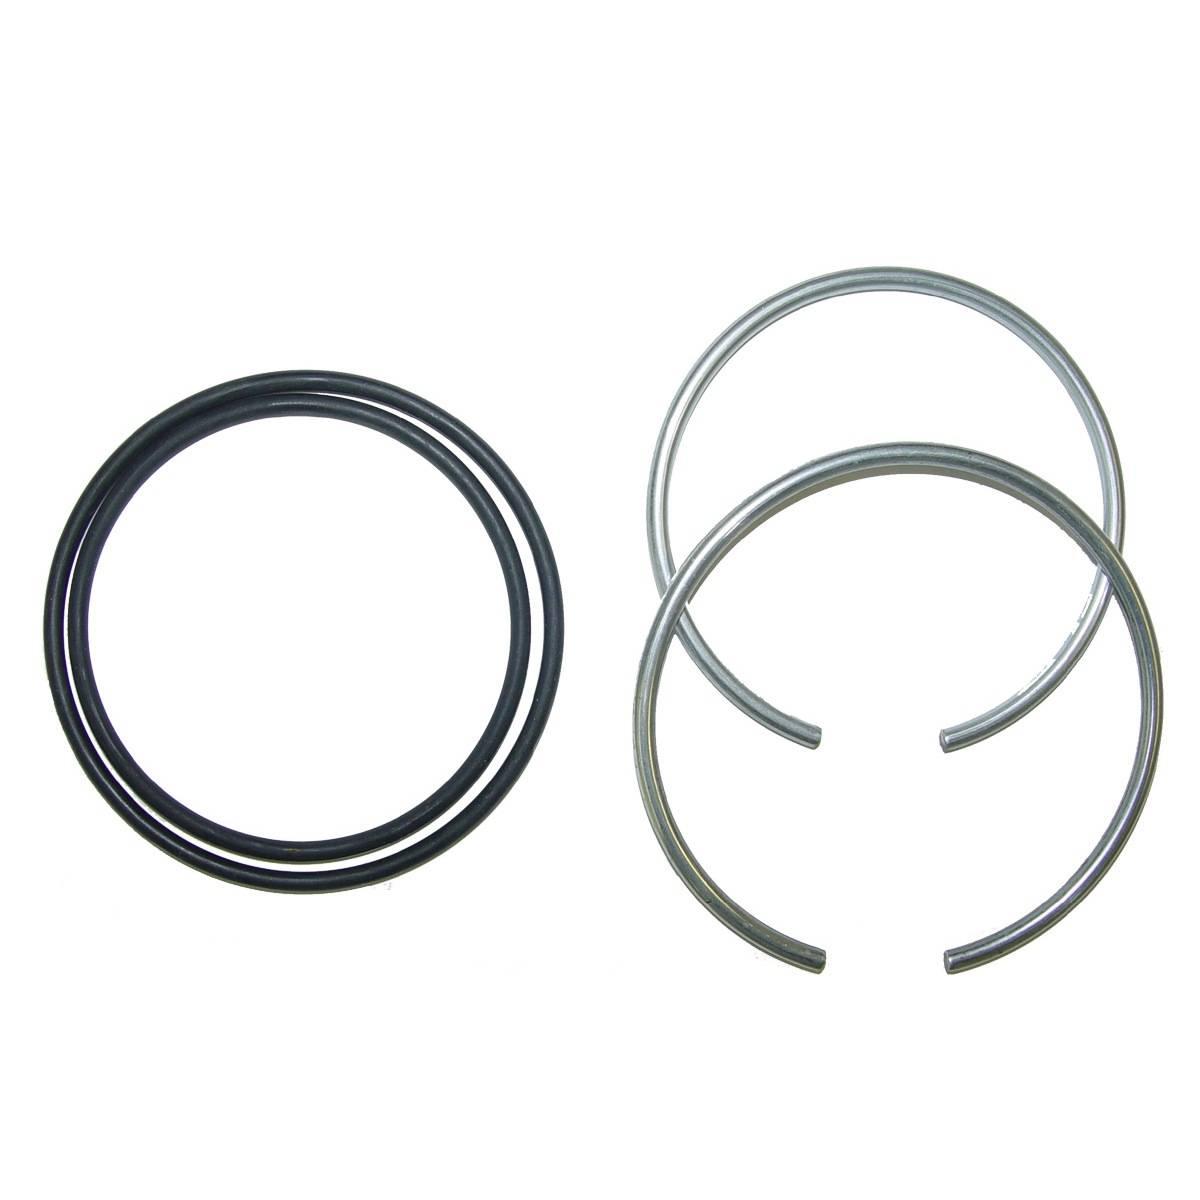 Omix-Ada #18010.04 Power Steering Pump Seal Kit; 87-95